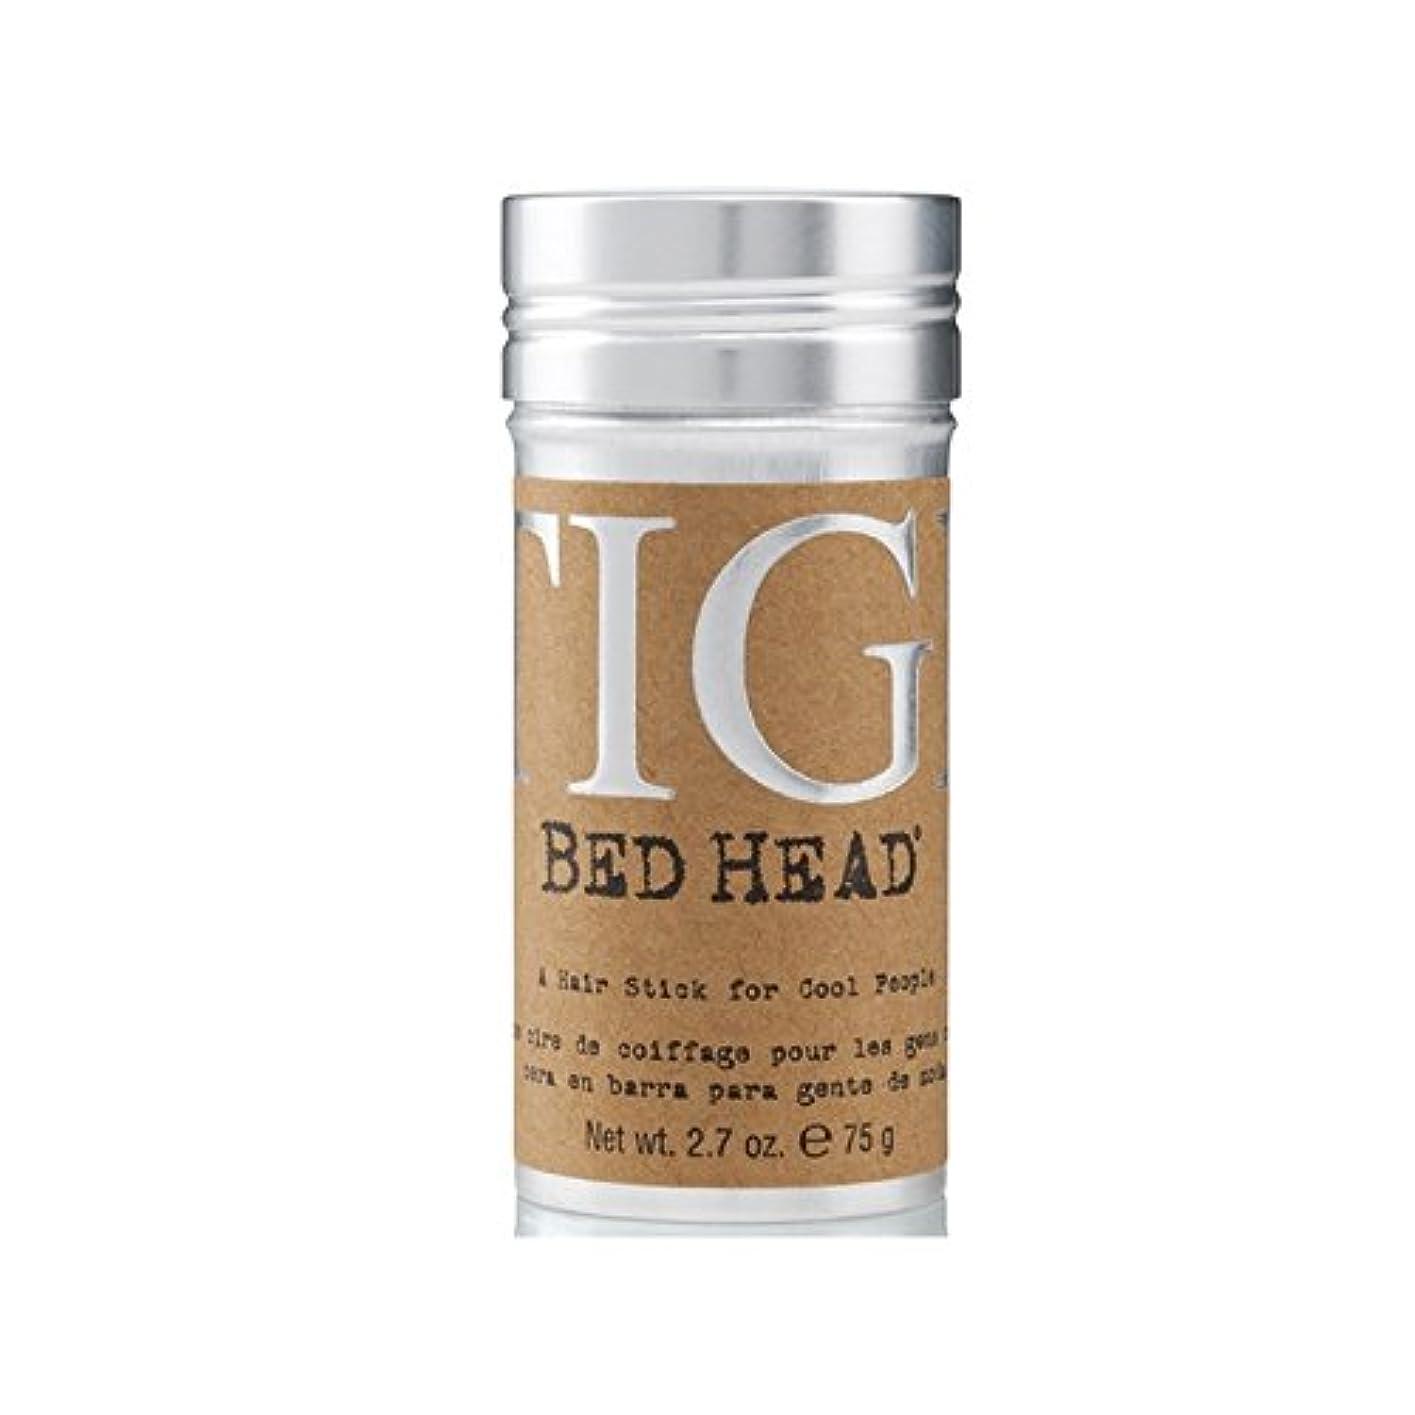 報酬ロック解除ながらティジーベッドヘッドワックススティック(75グラム) x2 - Tigi Bed Head Wax Stick (75G) (Pack of 2) [並行輸入品]